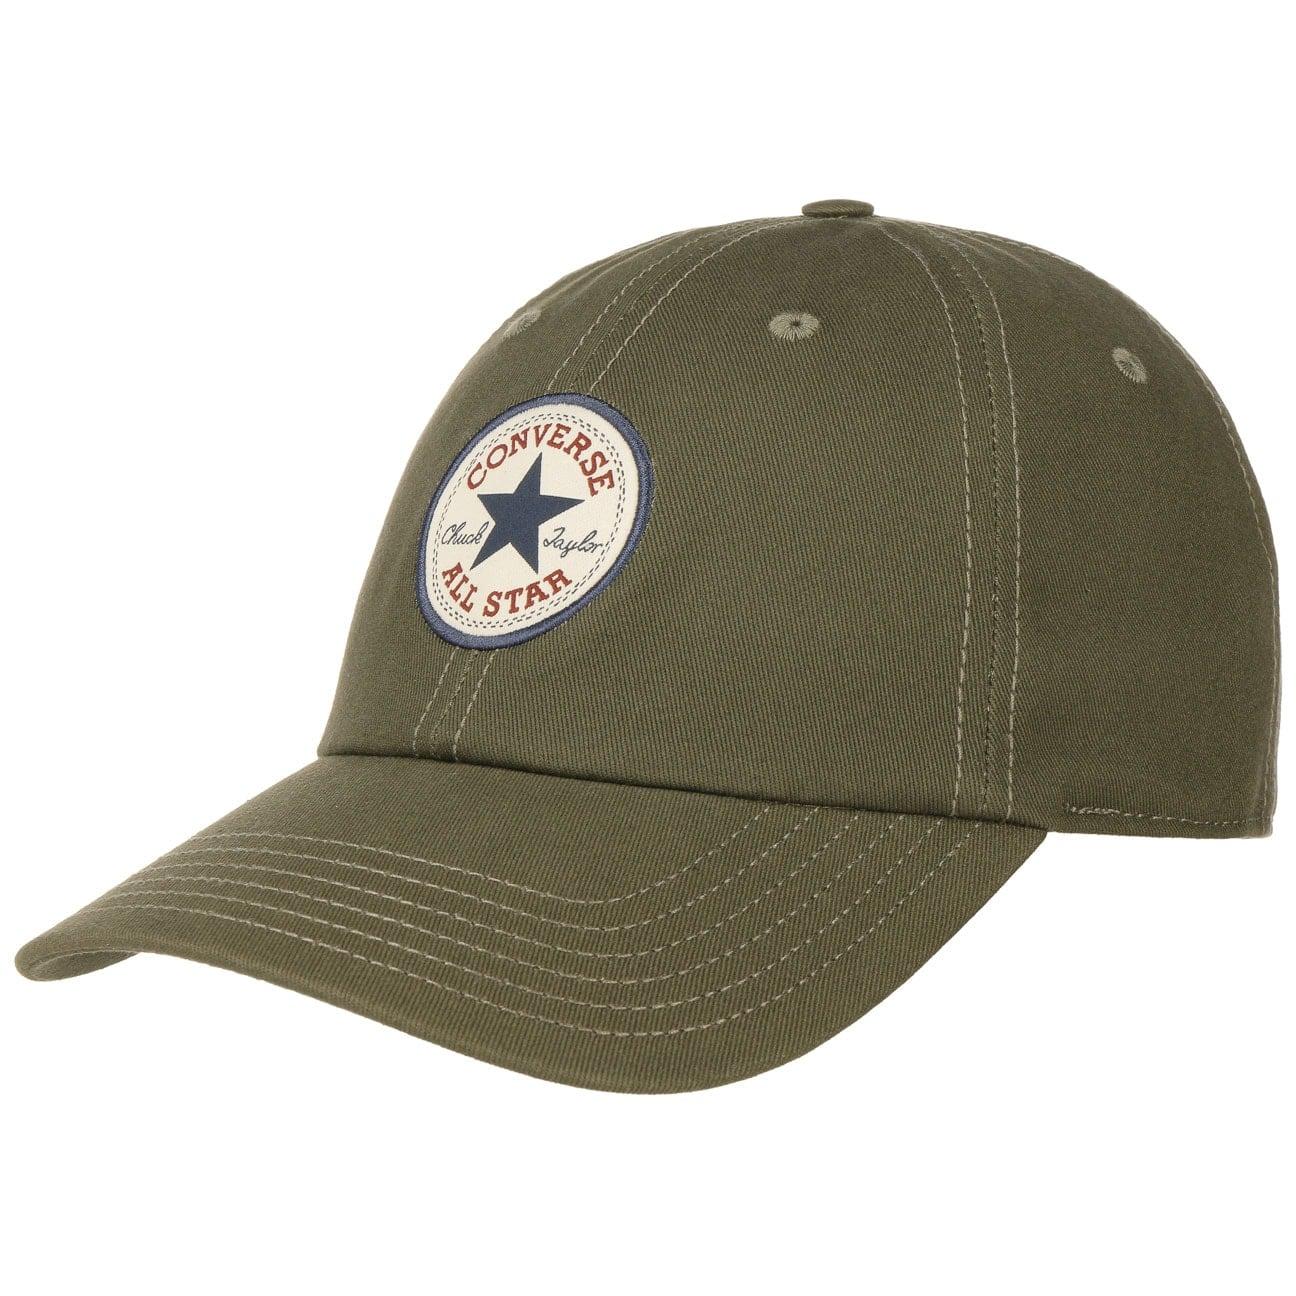 Core Classic Baseball Cap by Converse  baseball cap